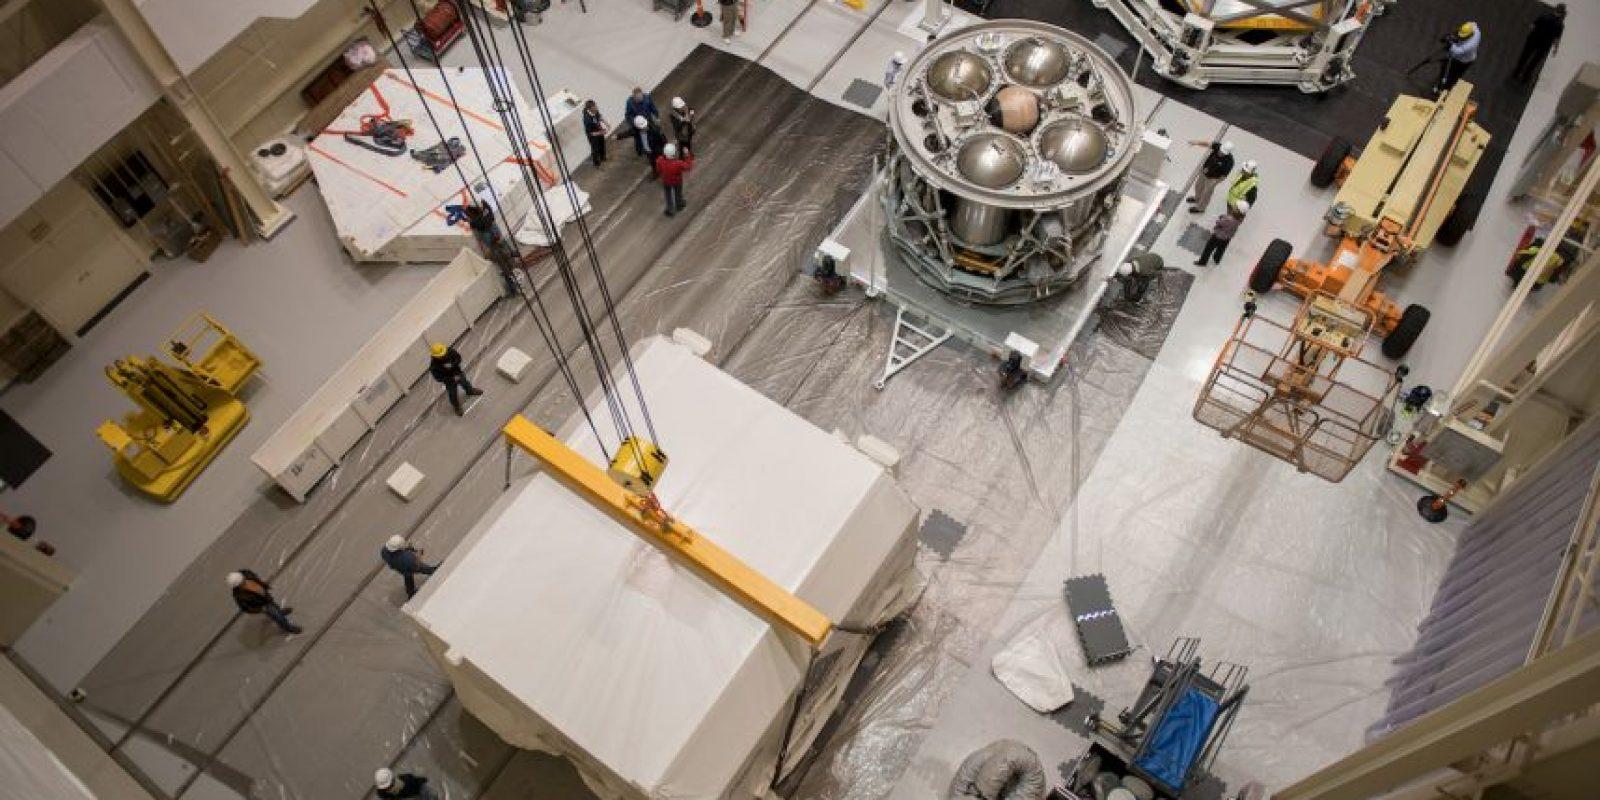 Los ingenieros quieren localizar cualquier error posible. Foto:nasa.gov